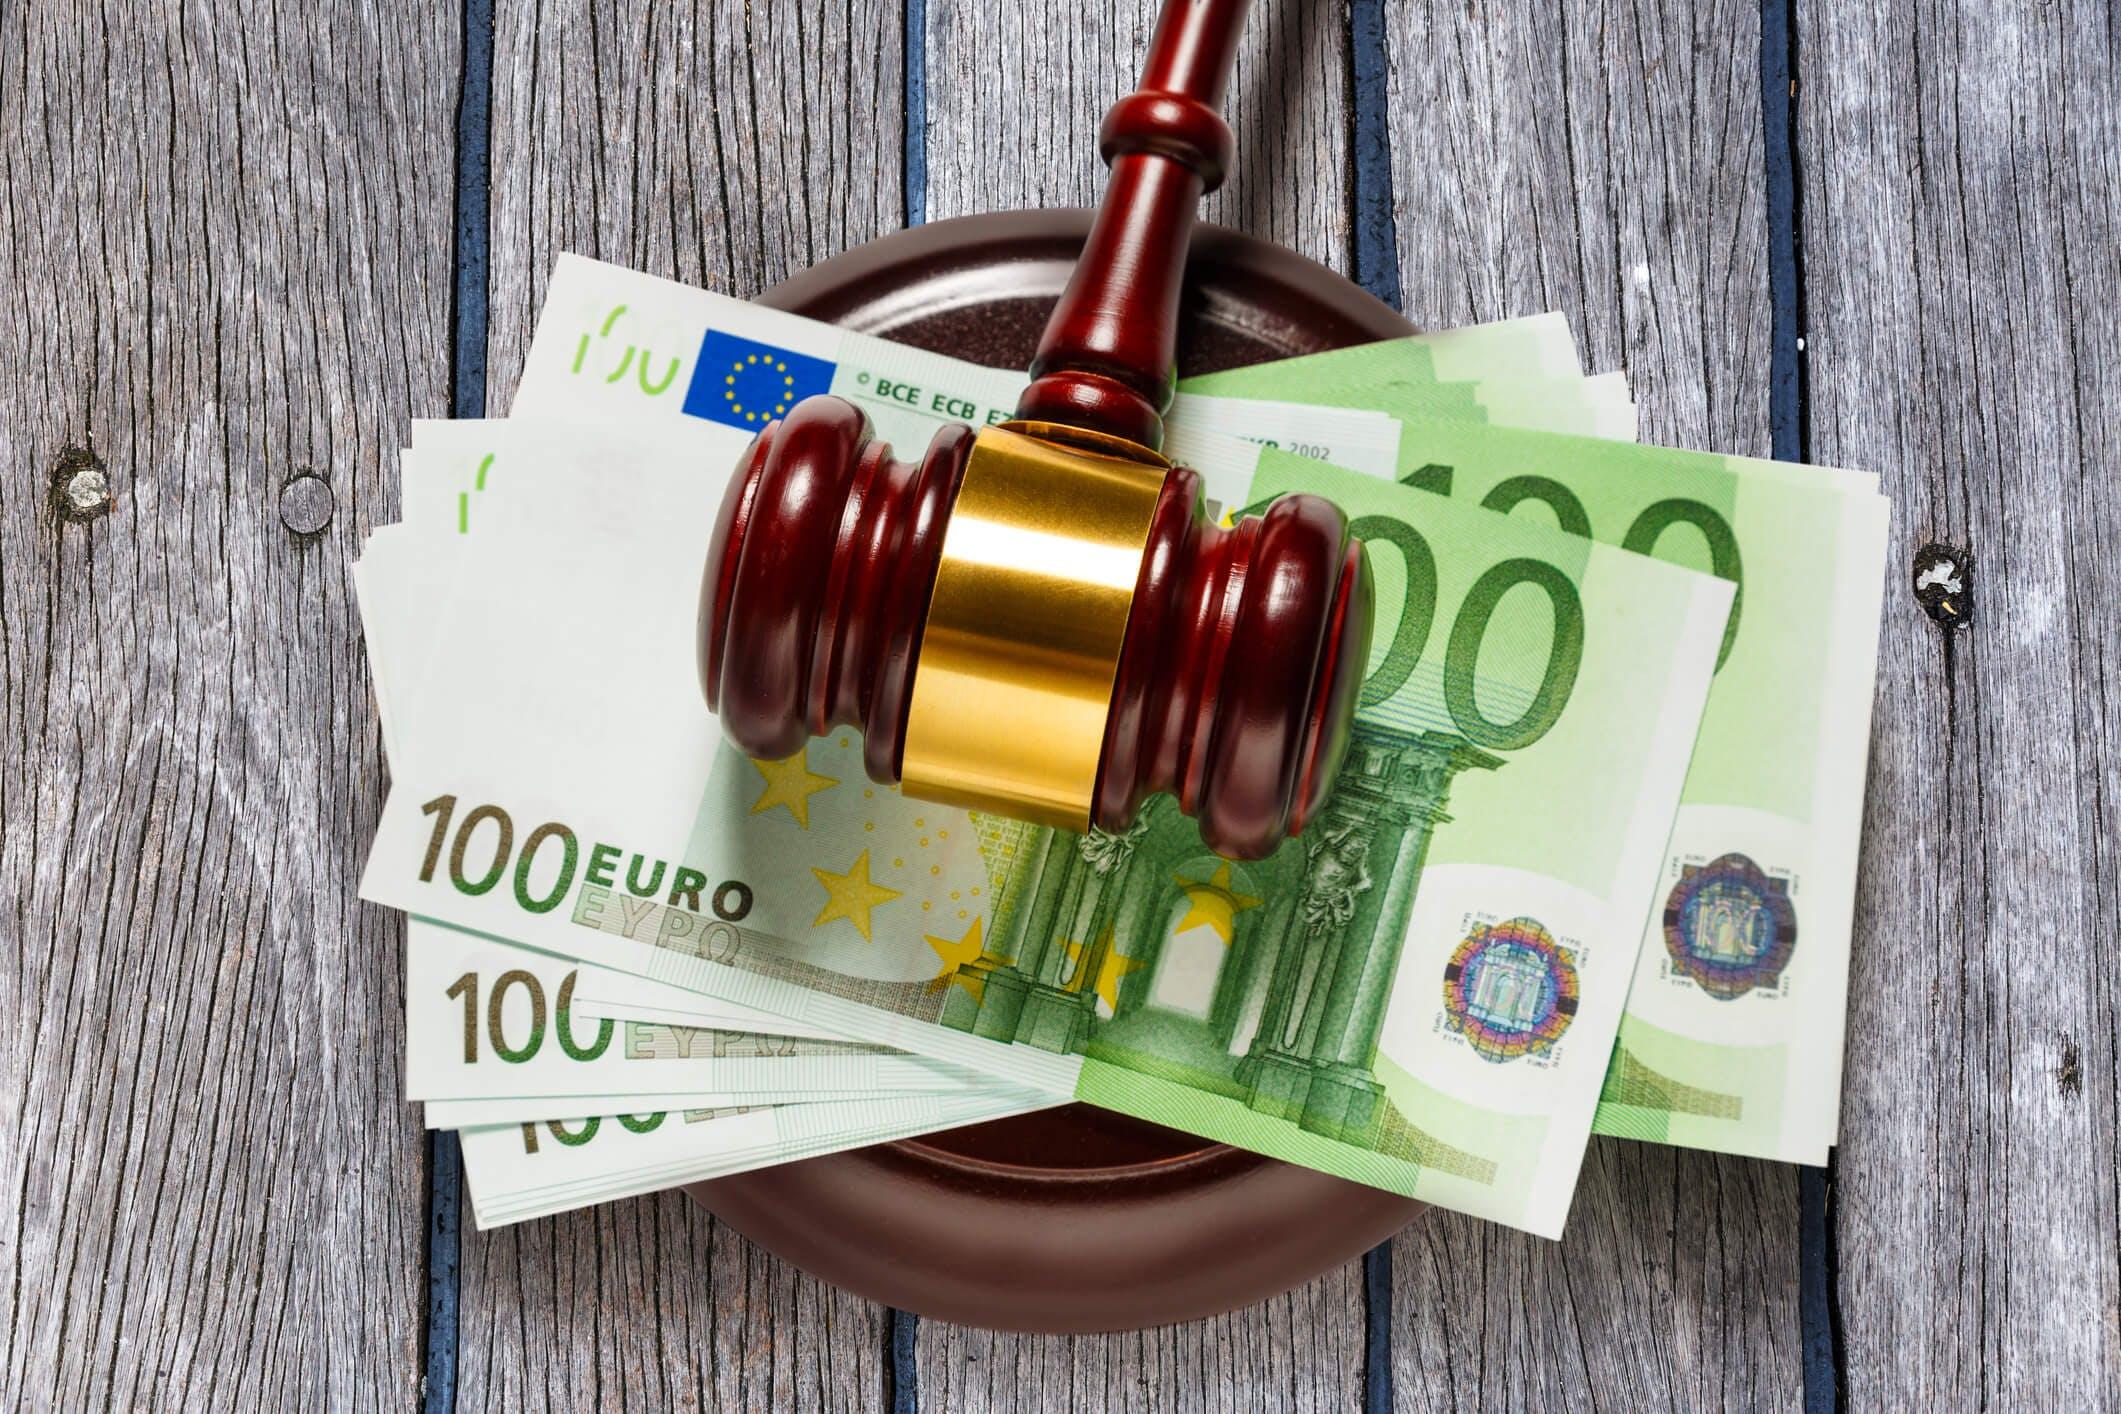 Titelbild-Geld-Euro-Hammer-Auktion-iStock-606192614-Garsya